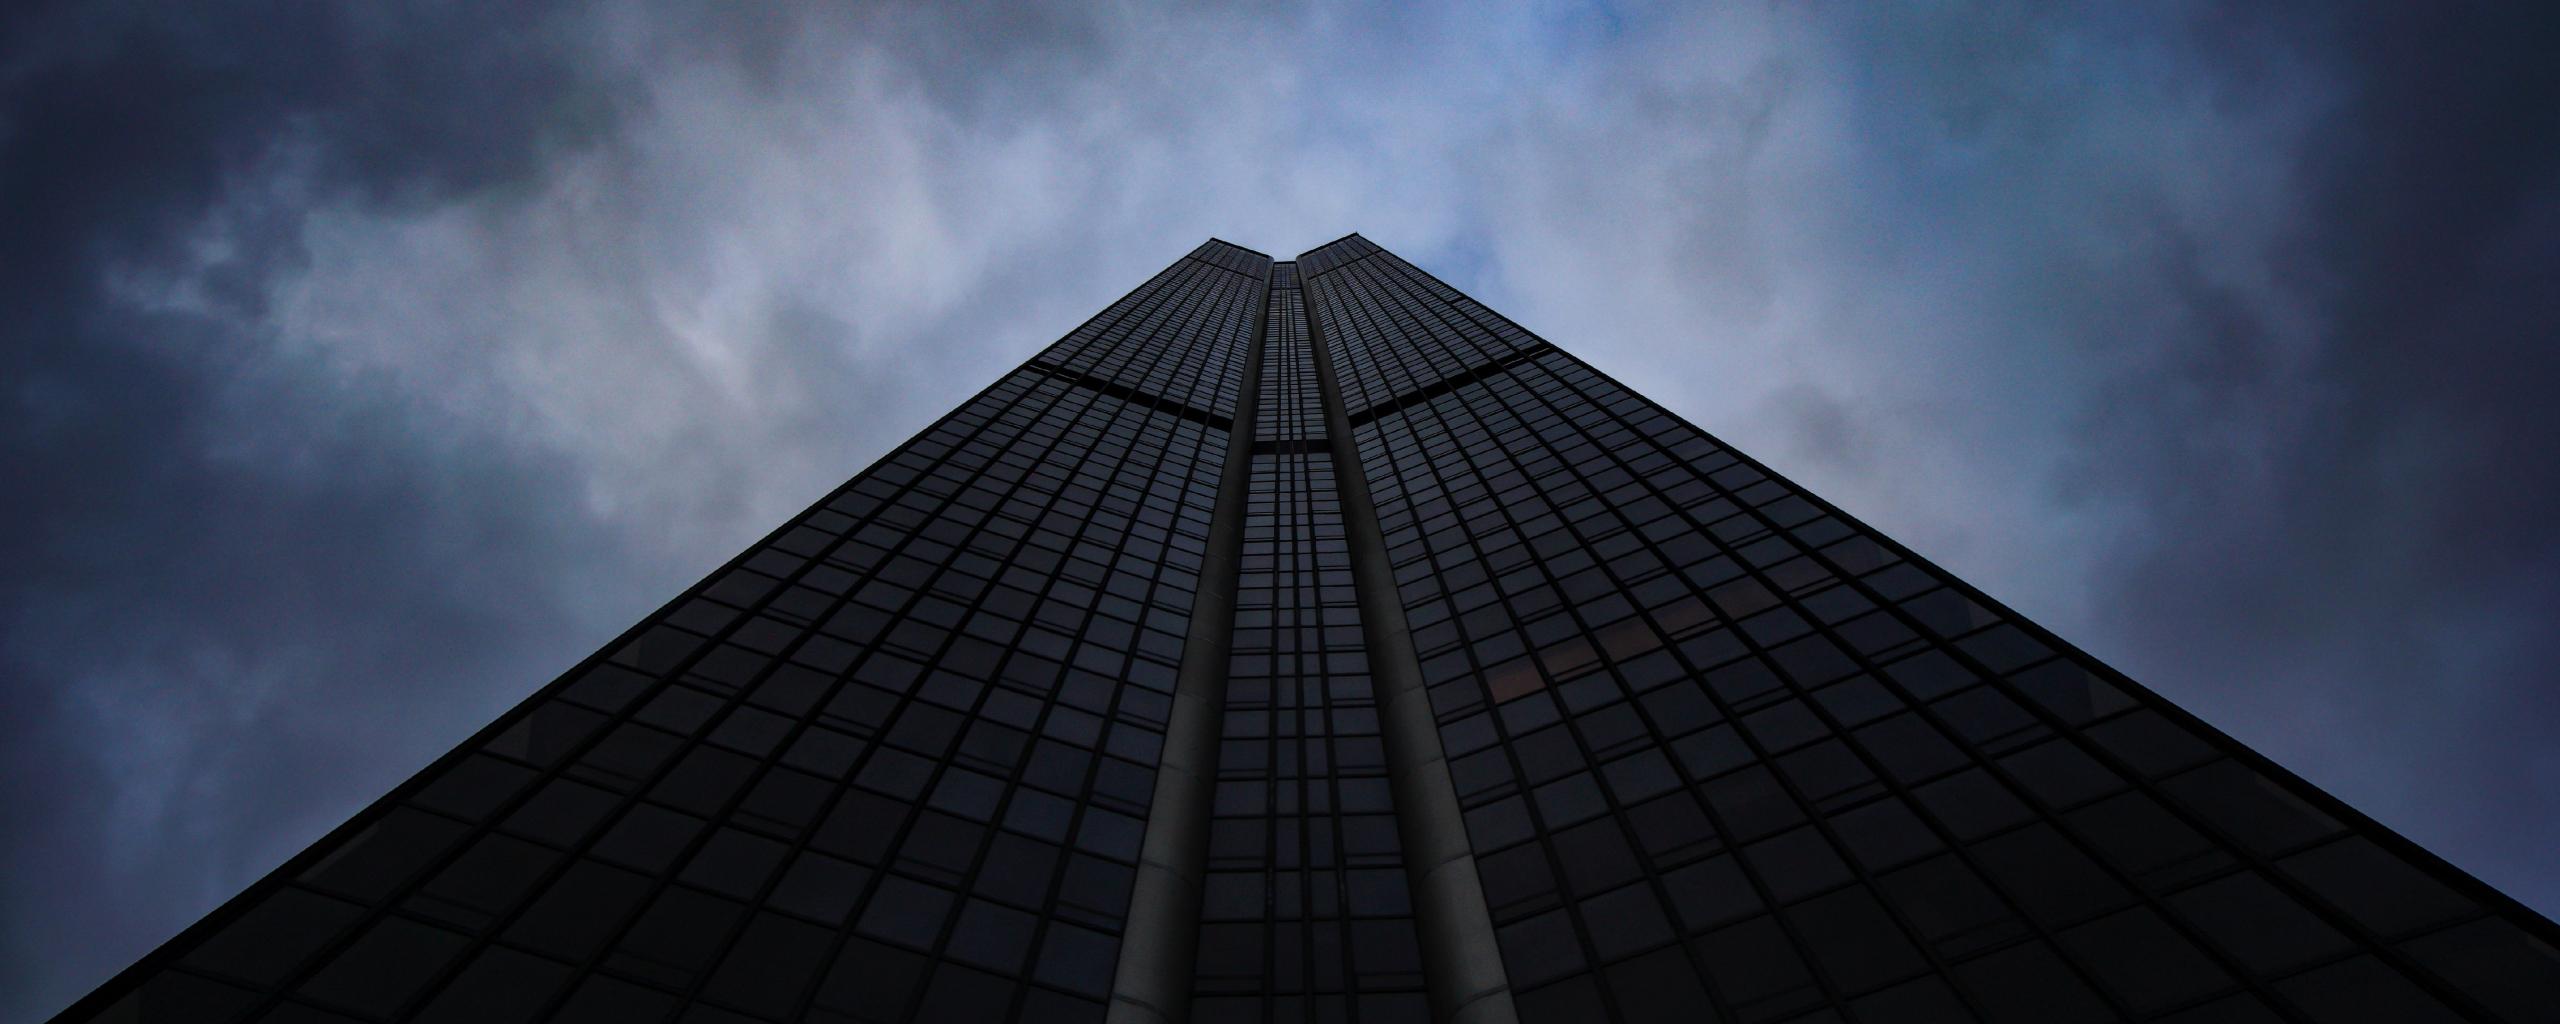 Download 2560x1024 wallpaper skyscraper, buildings, architecture ...